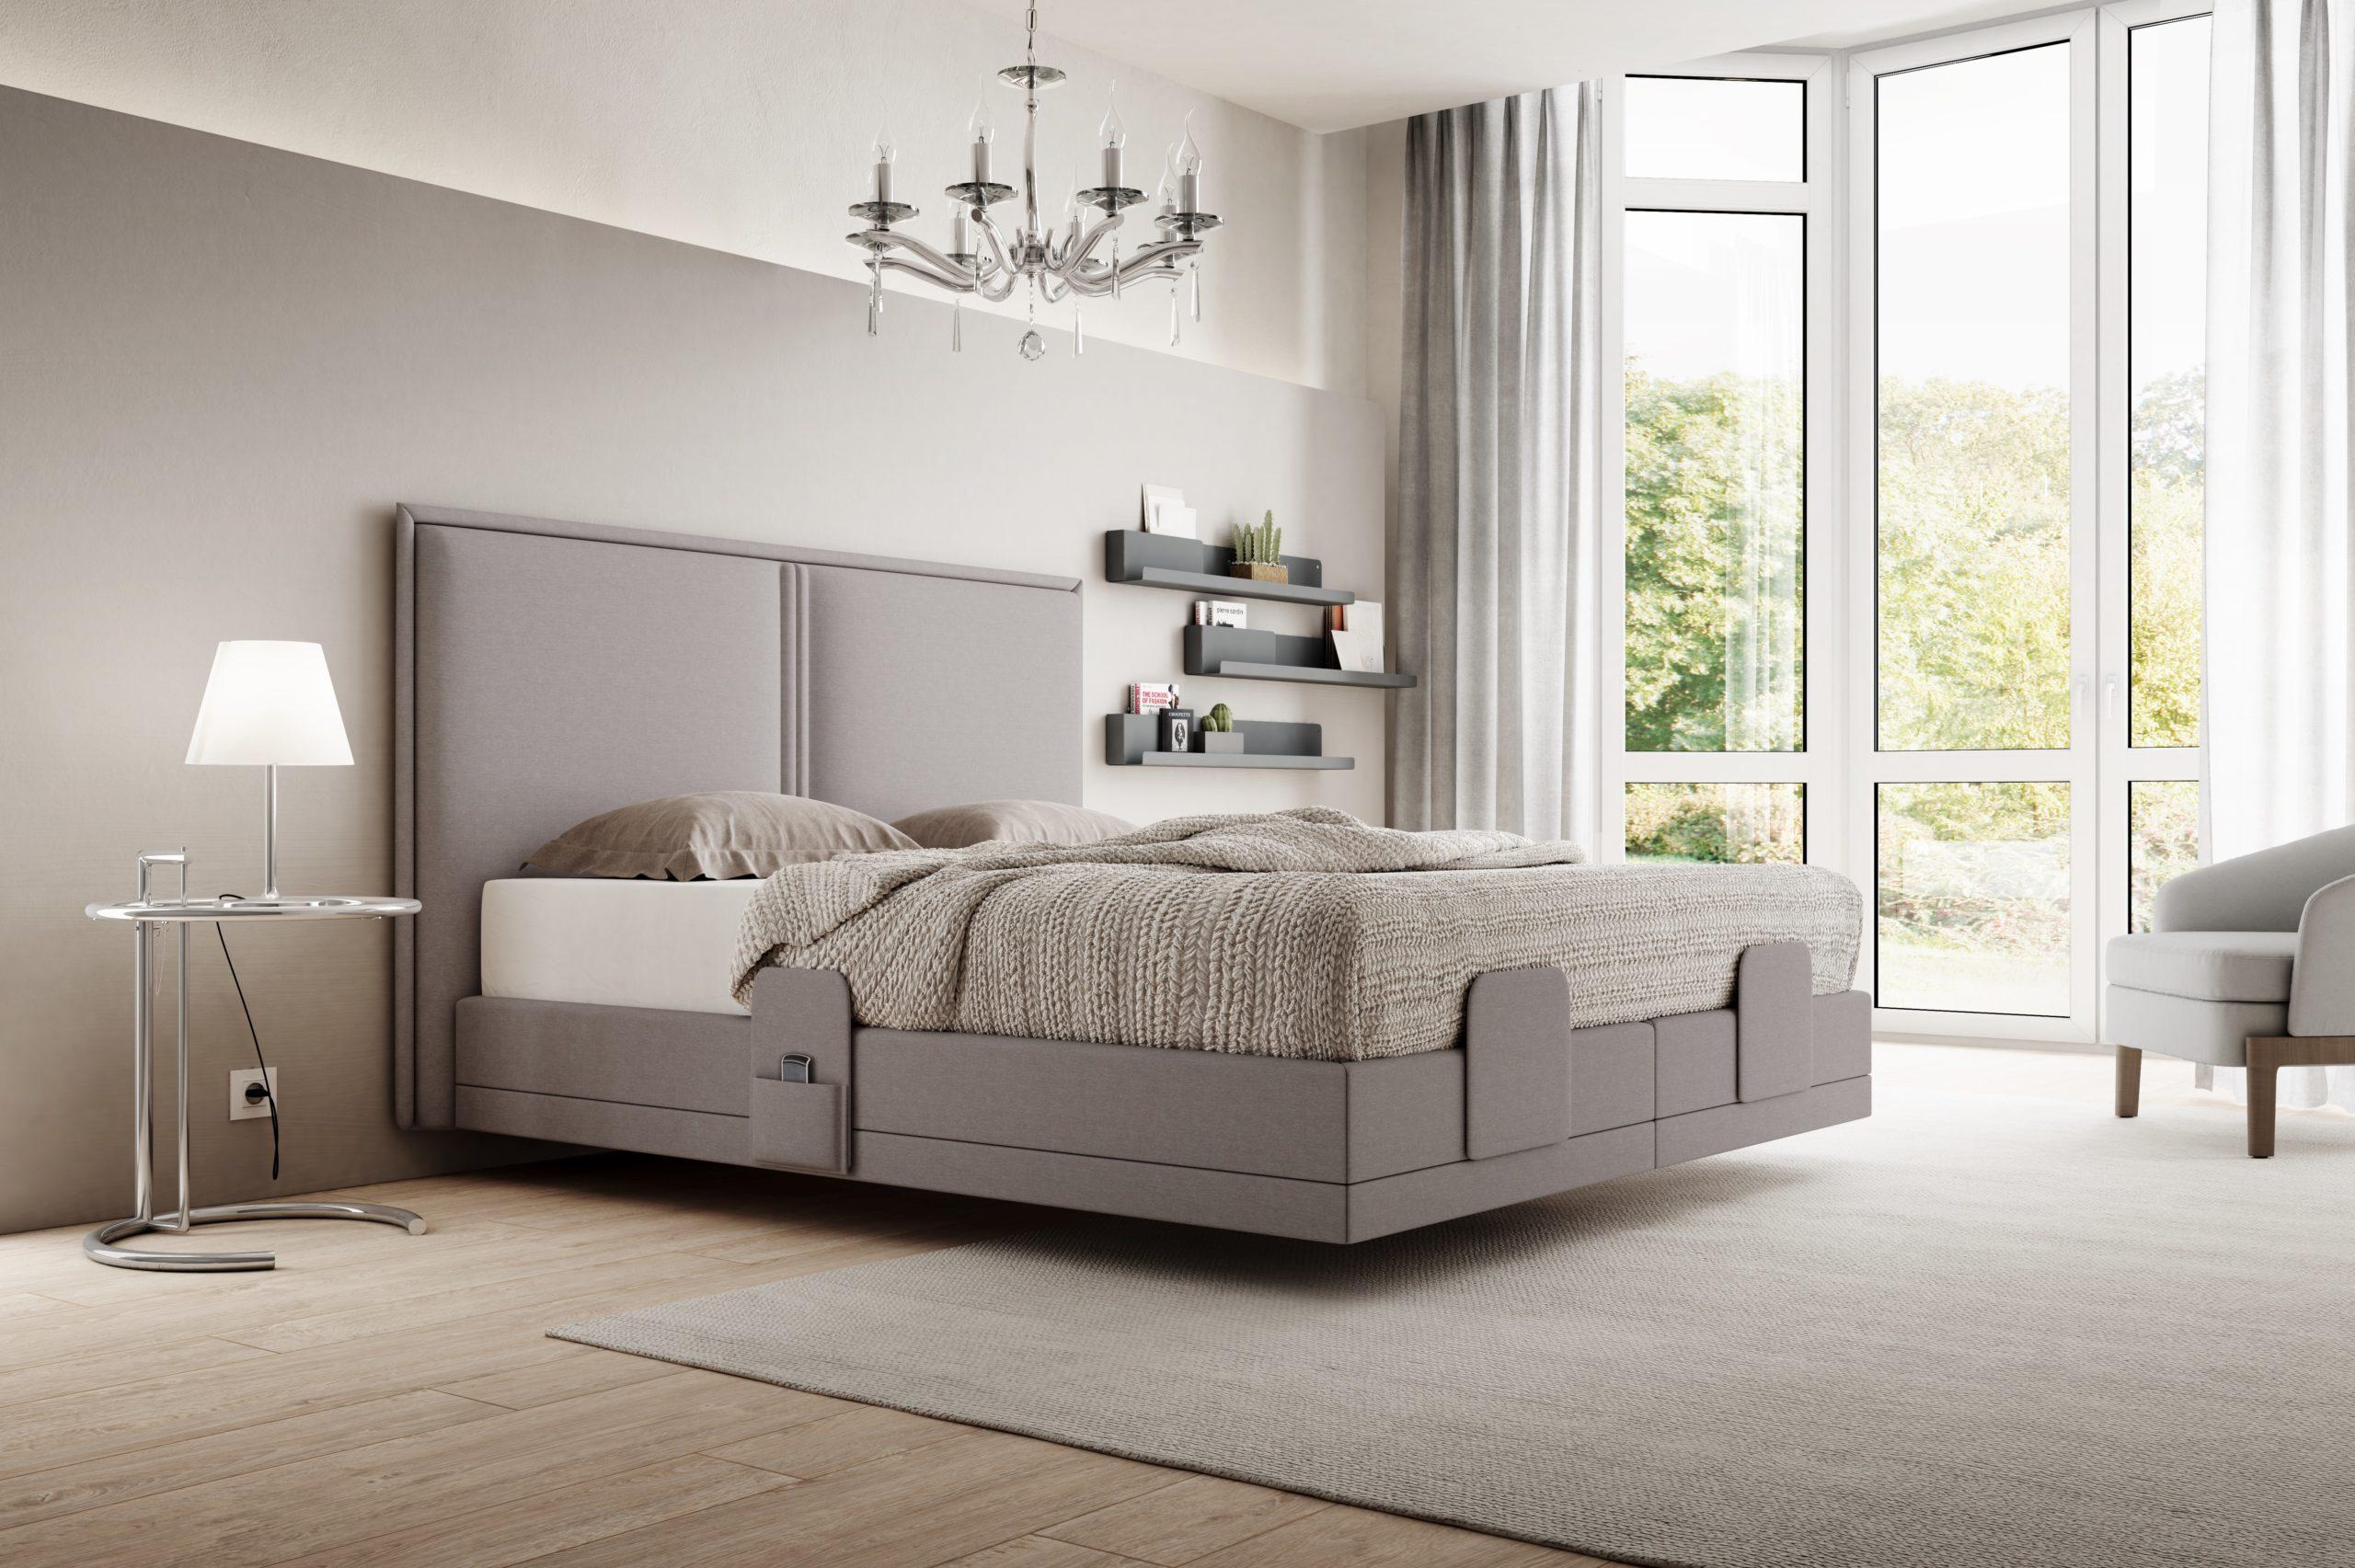 Mein Bett, mein Schlafzimmer, mein Wohlbefinden